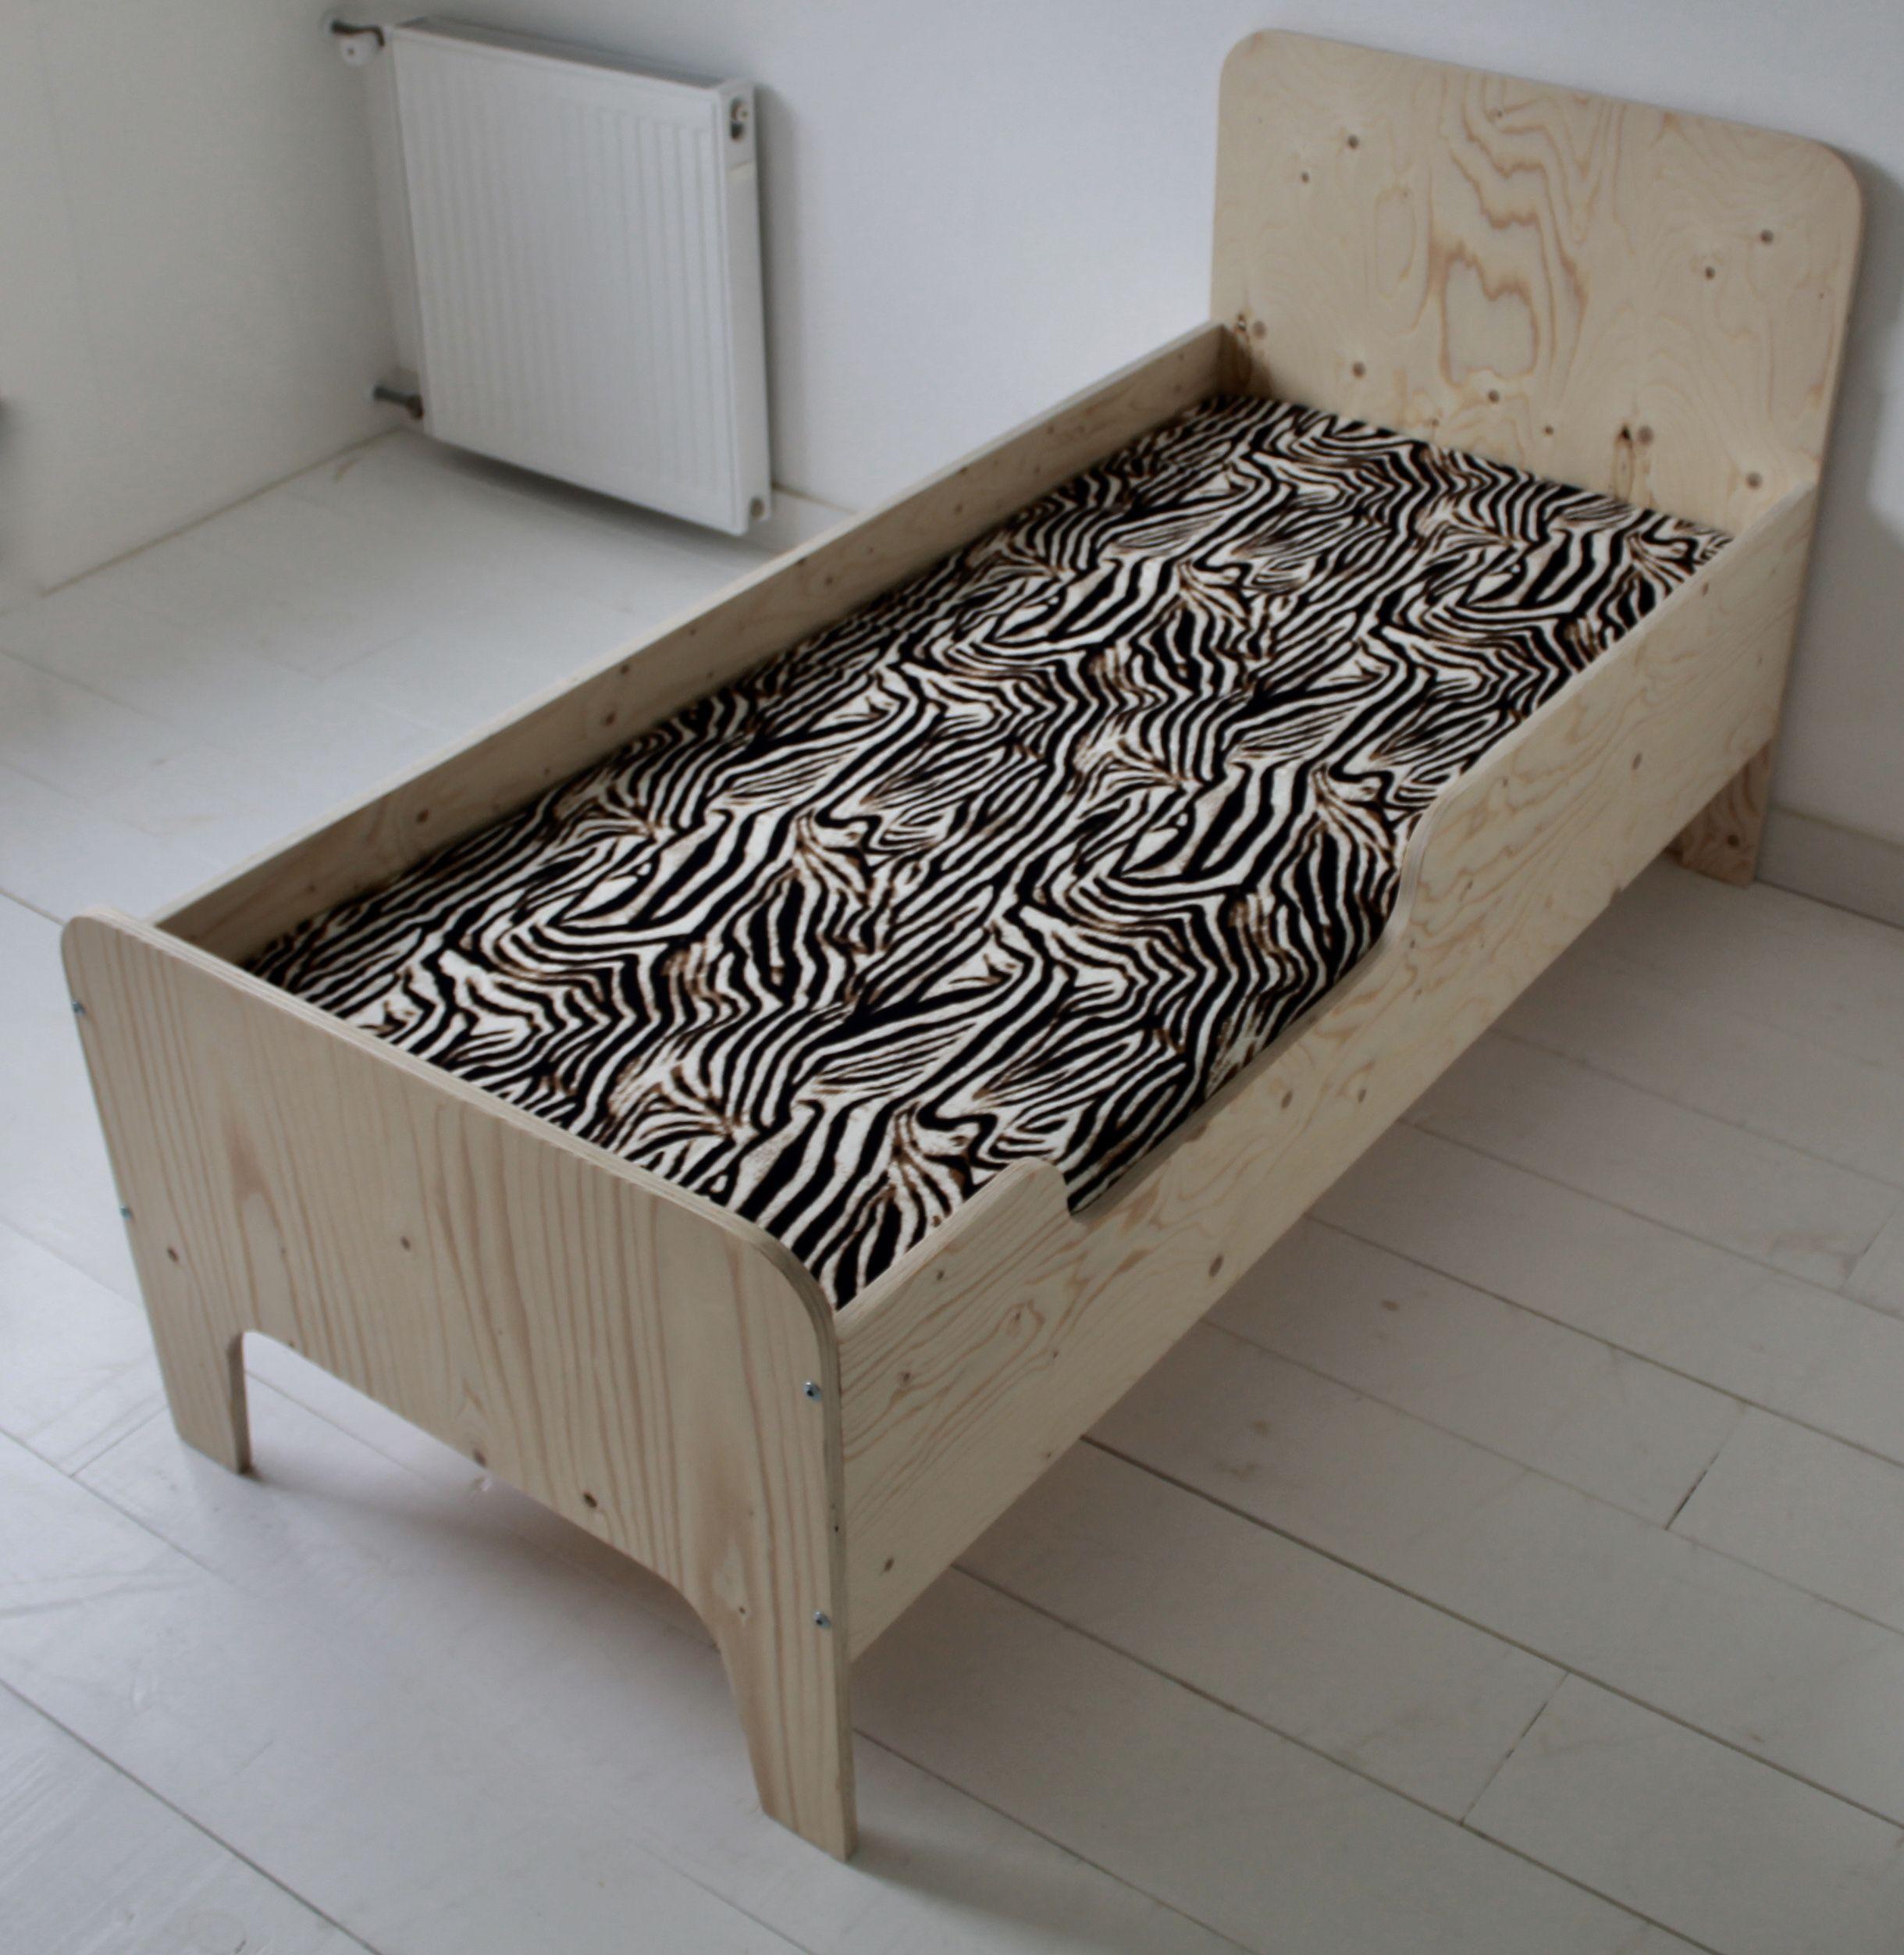 Beste Dit gave zebra hoeslaken voor je peuterbed, in 160 x 70cm, is toch BC-72